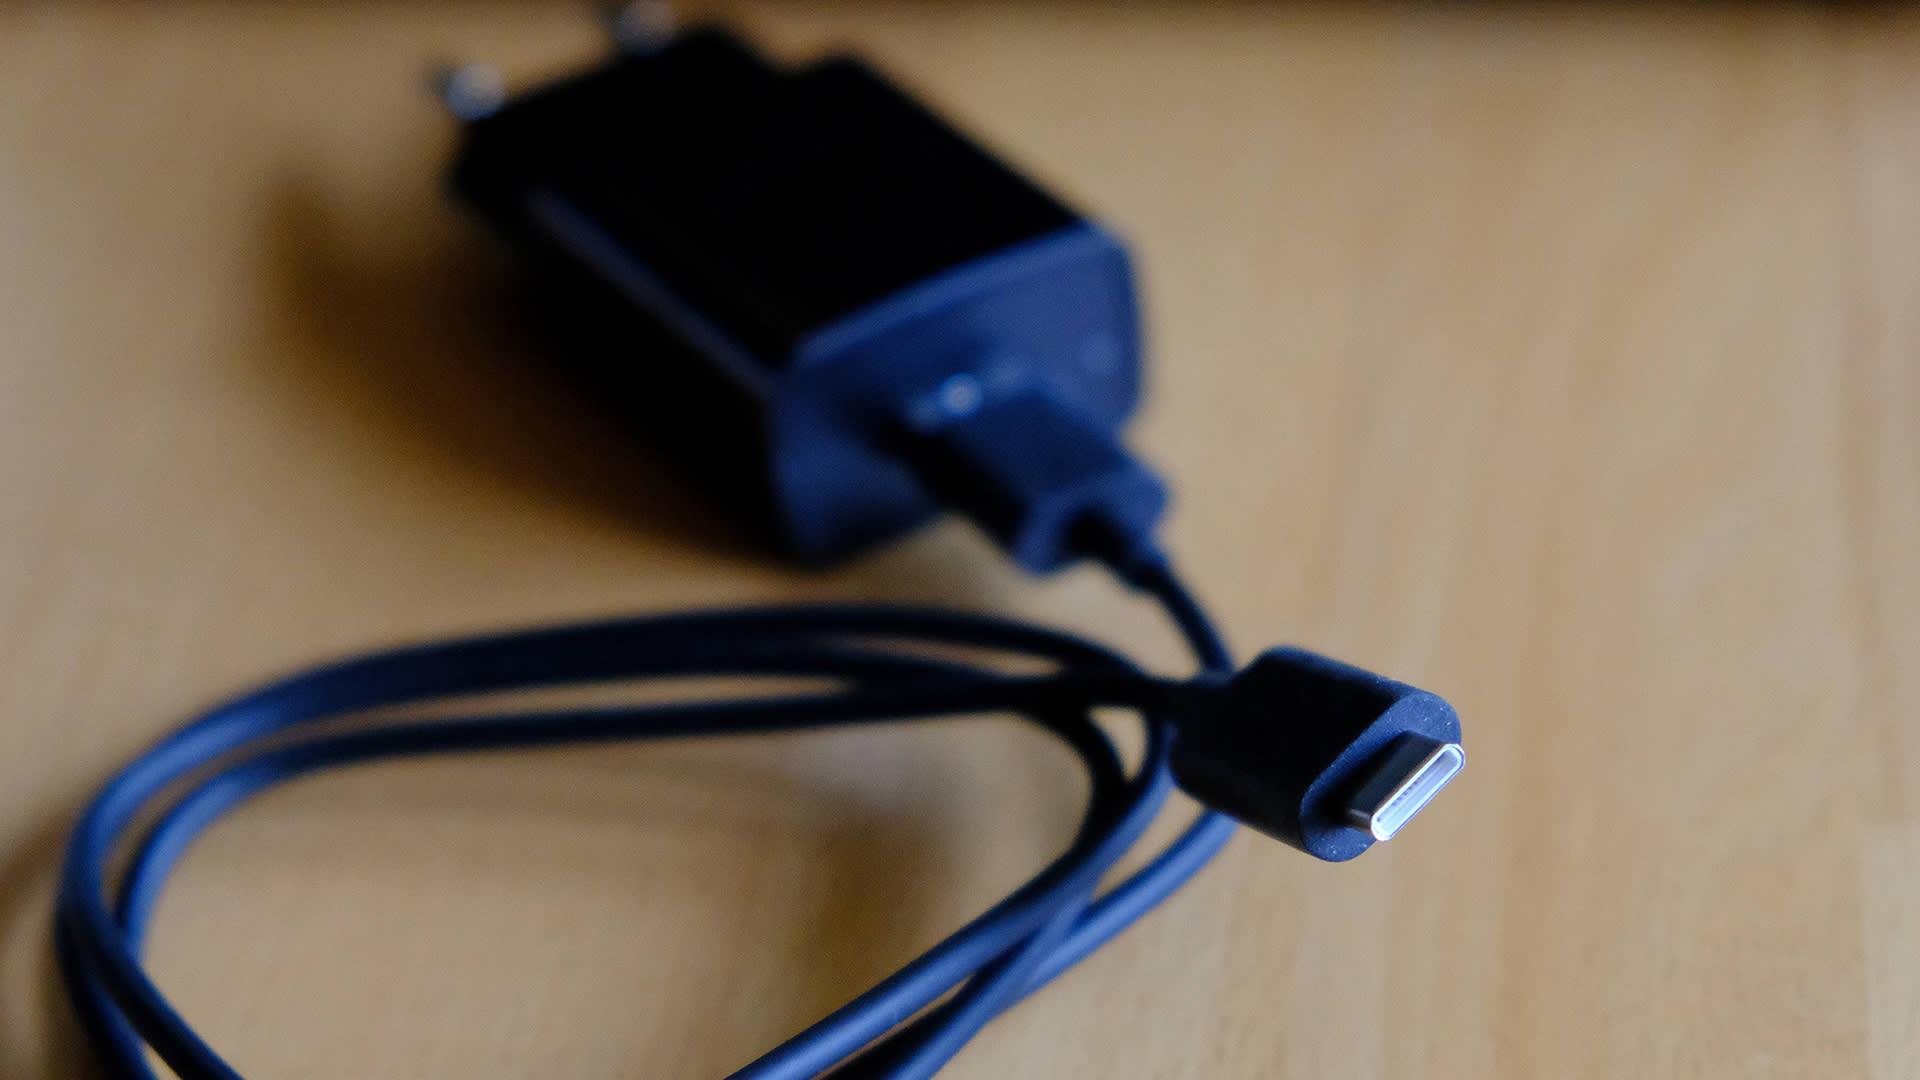 USB-C-tyypin latausjohto.